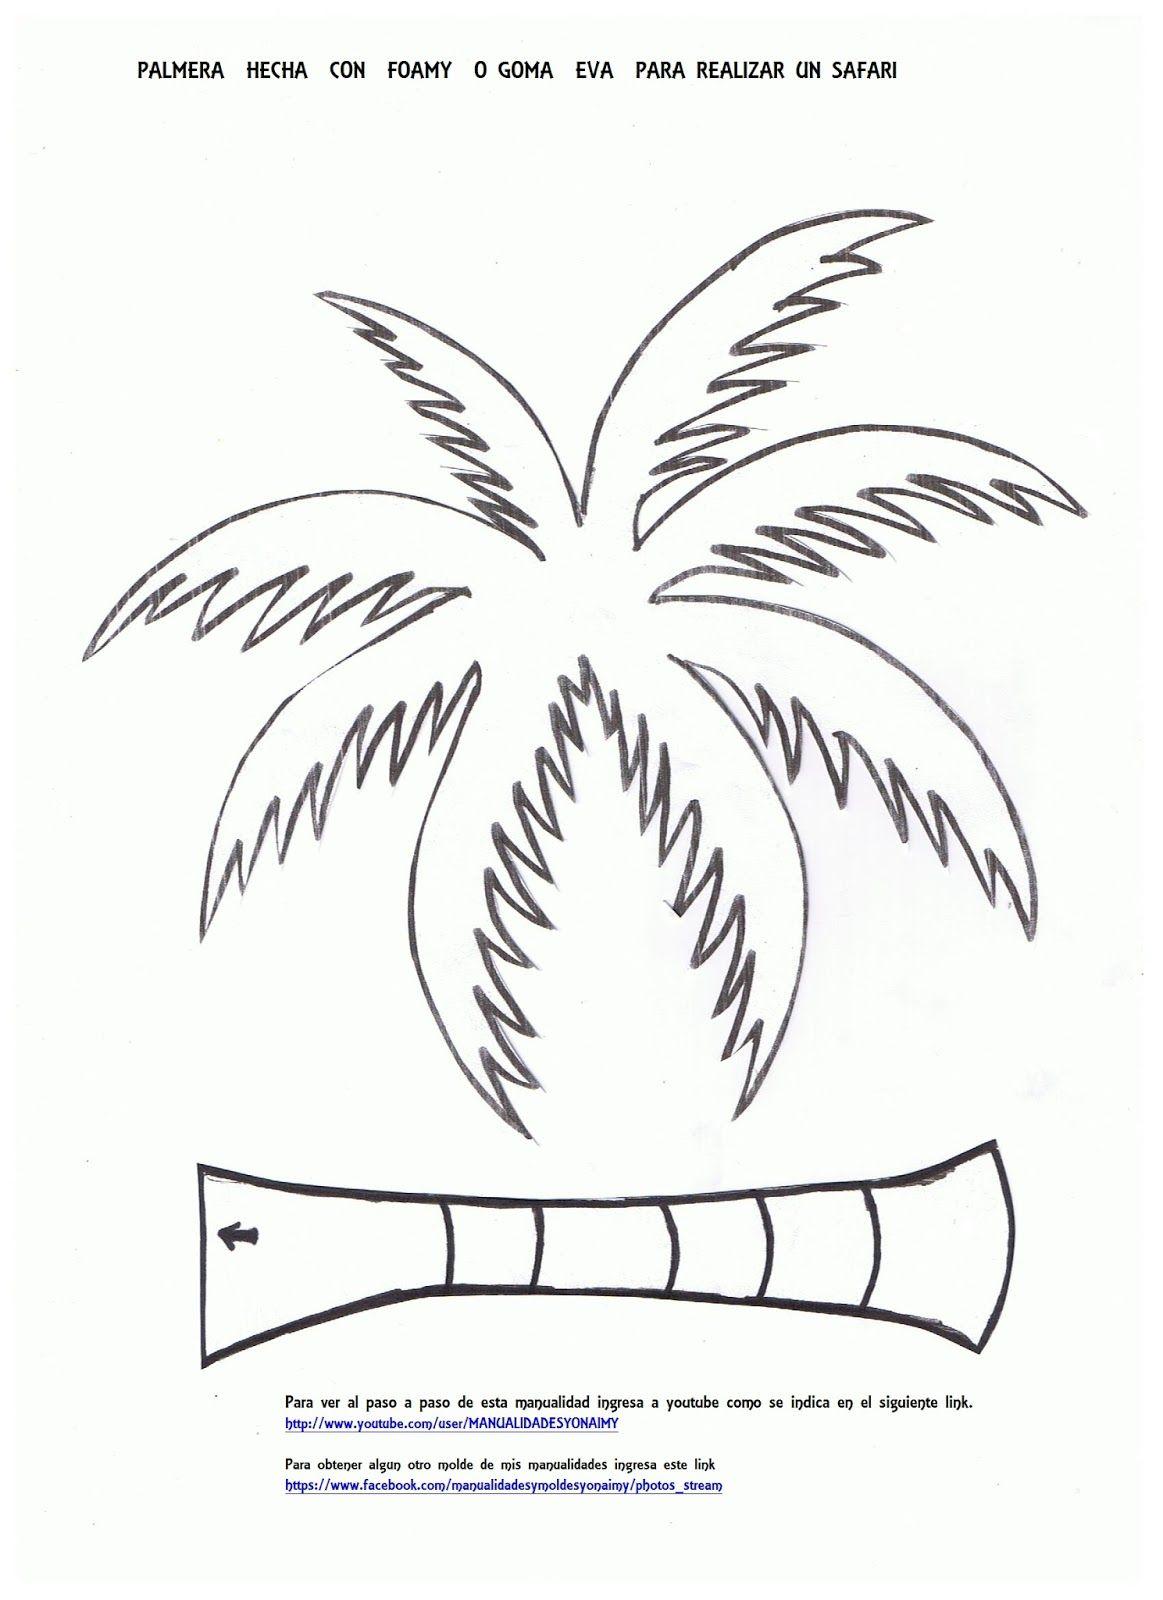 Manualidades Yonaimy Margaritas De Foamy O Goma